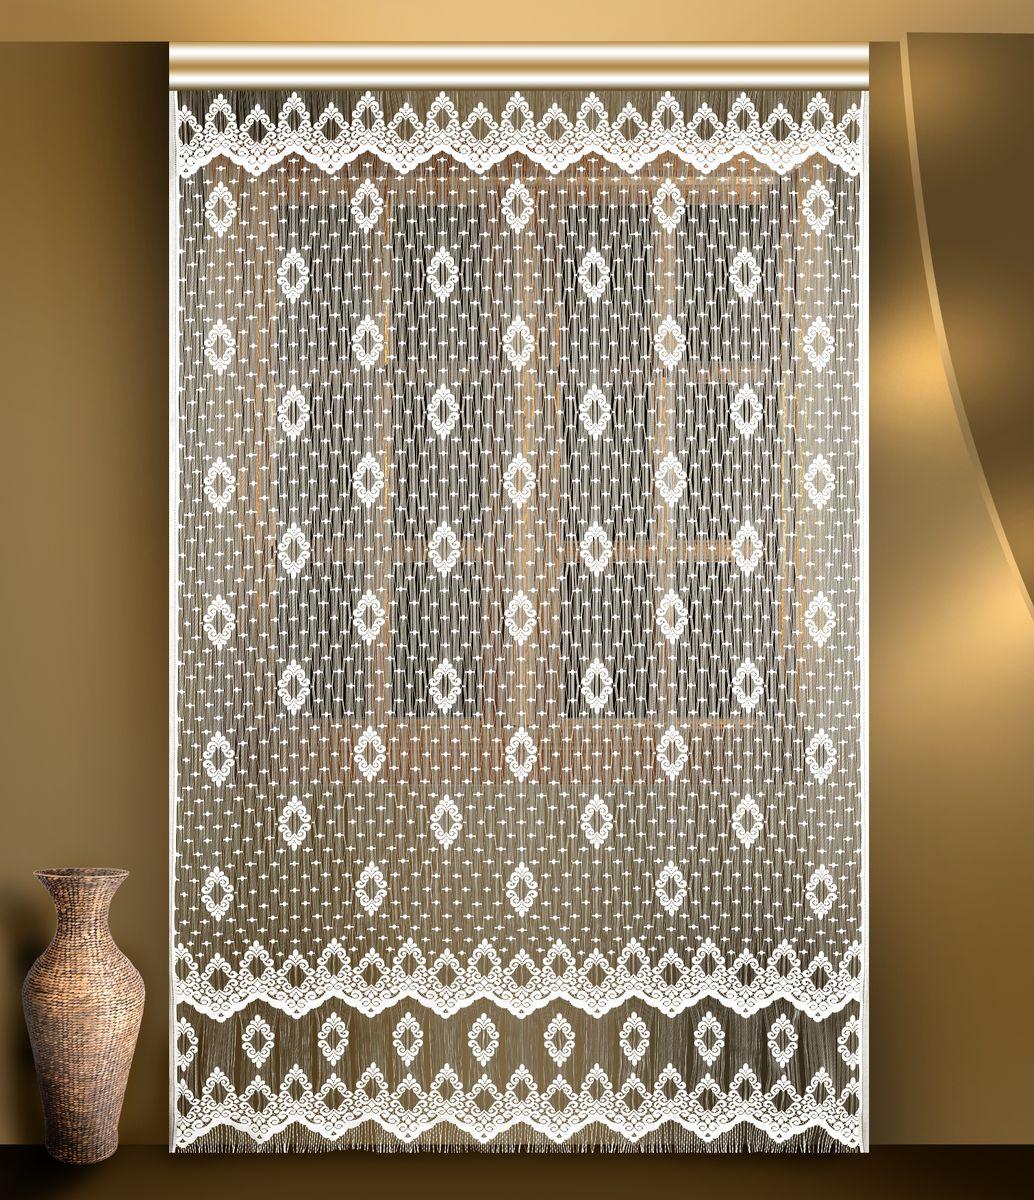 Гардина Zlata Korunka, 165 см х 250 см. 8882088820Гардина из тюле-кружевного полотна, крепление на зажимах для штор.